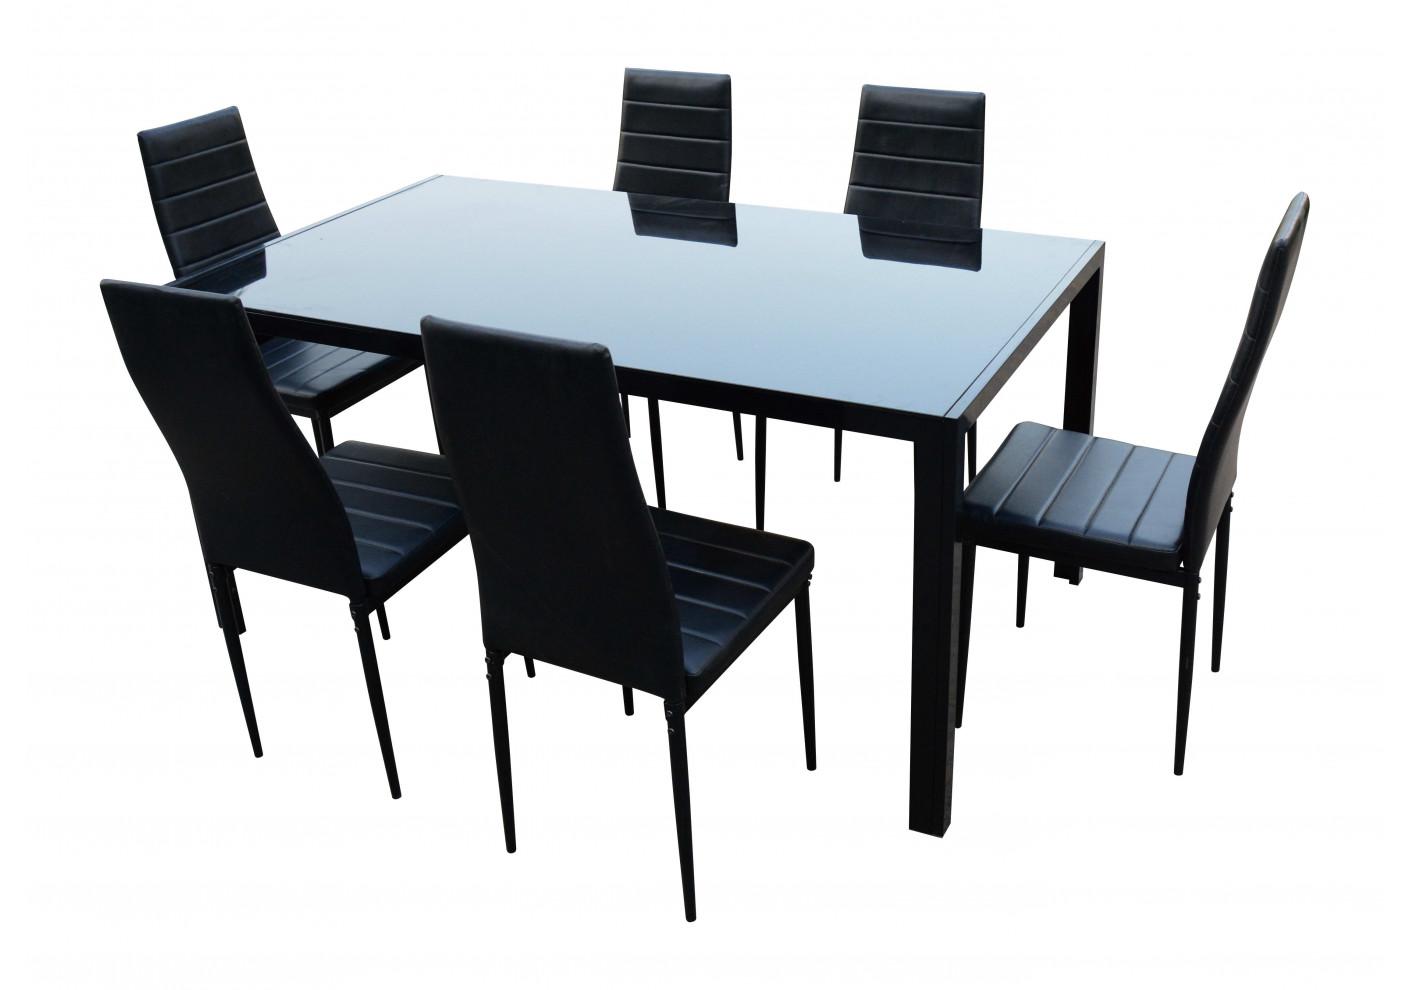 ensemble 1 table 6 chaises chelsea noir tables et ensembles s jour. Black Bedroom Furniture Sets. Home Design Ideas